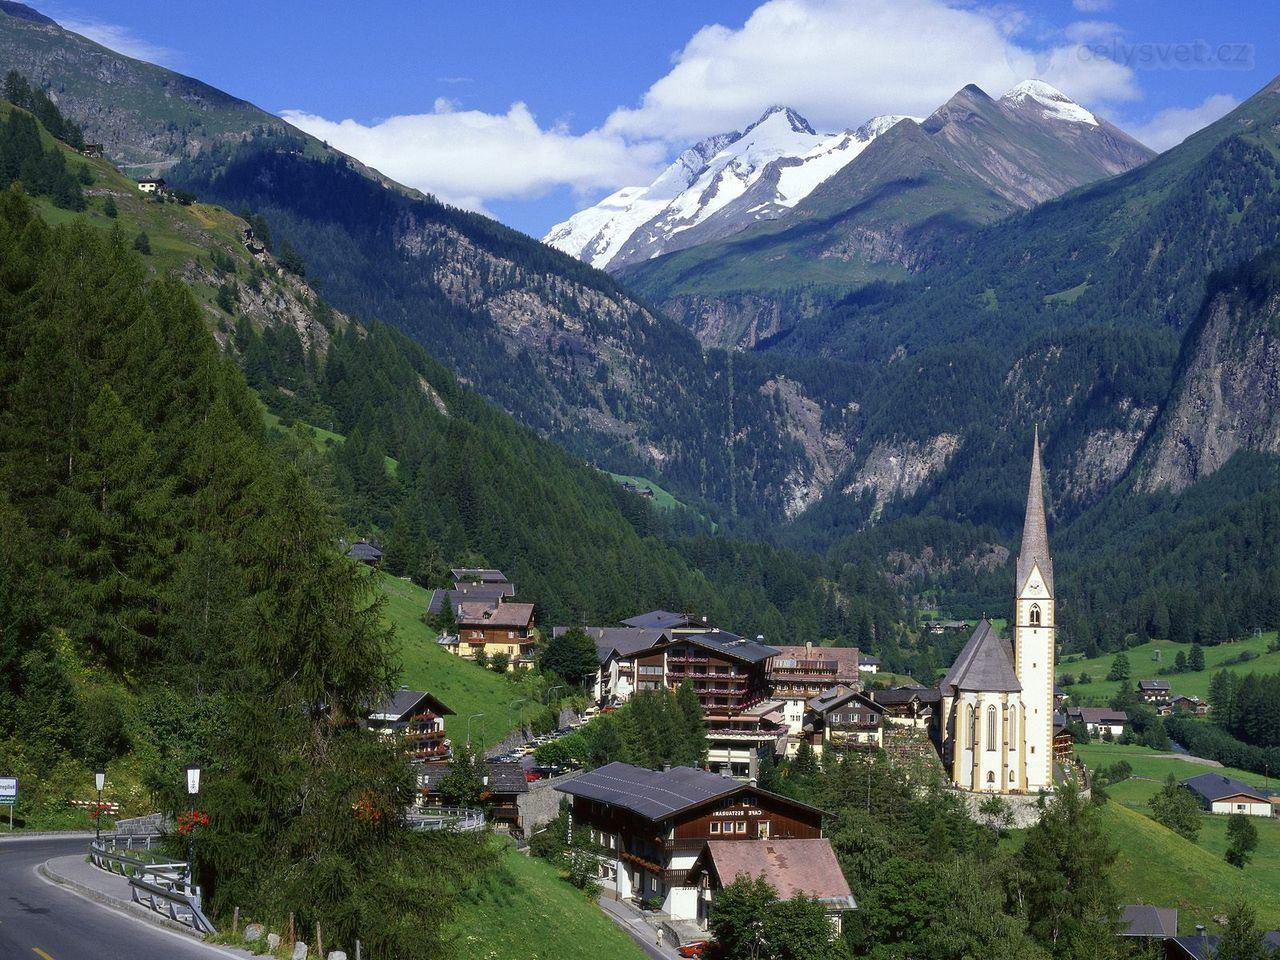 مدينة كارينثيا السياحية في النمسا  مدينة كارينثيا السياحية في النمسا